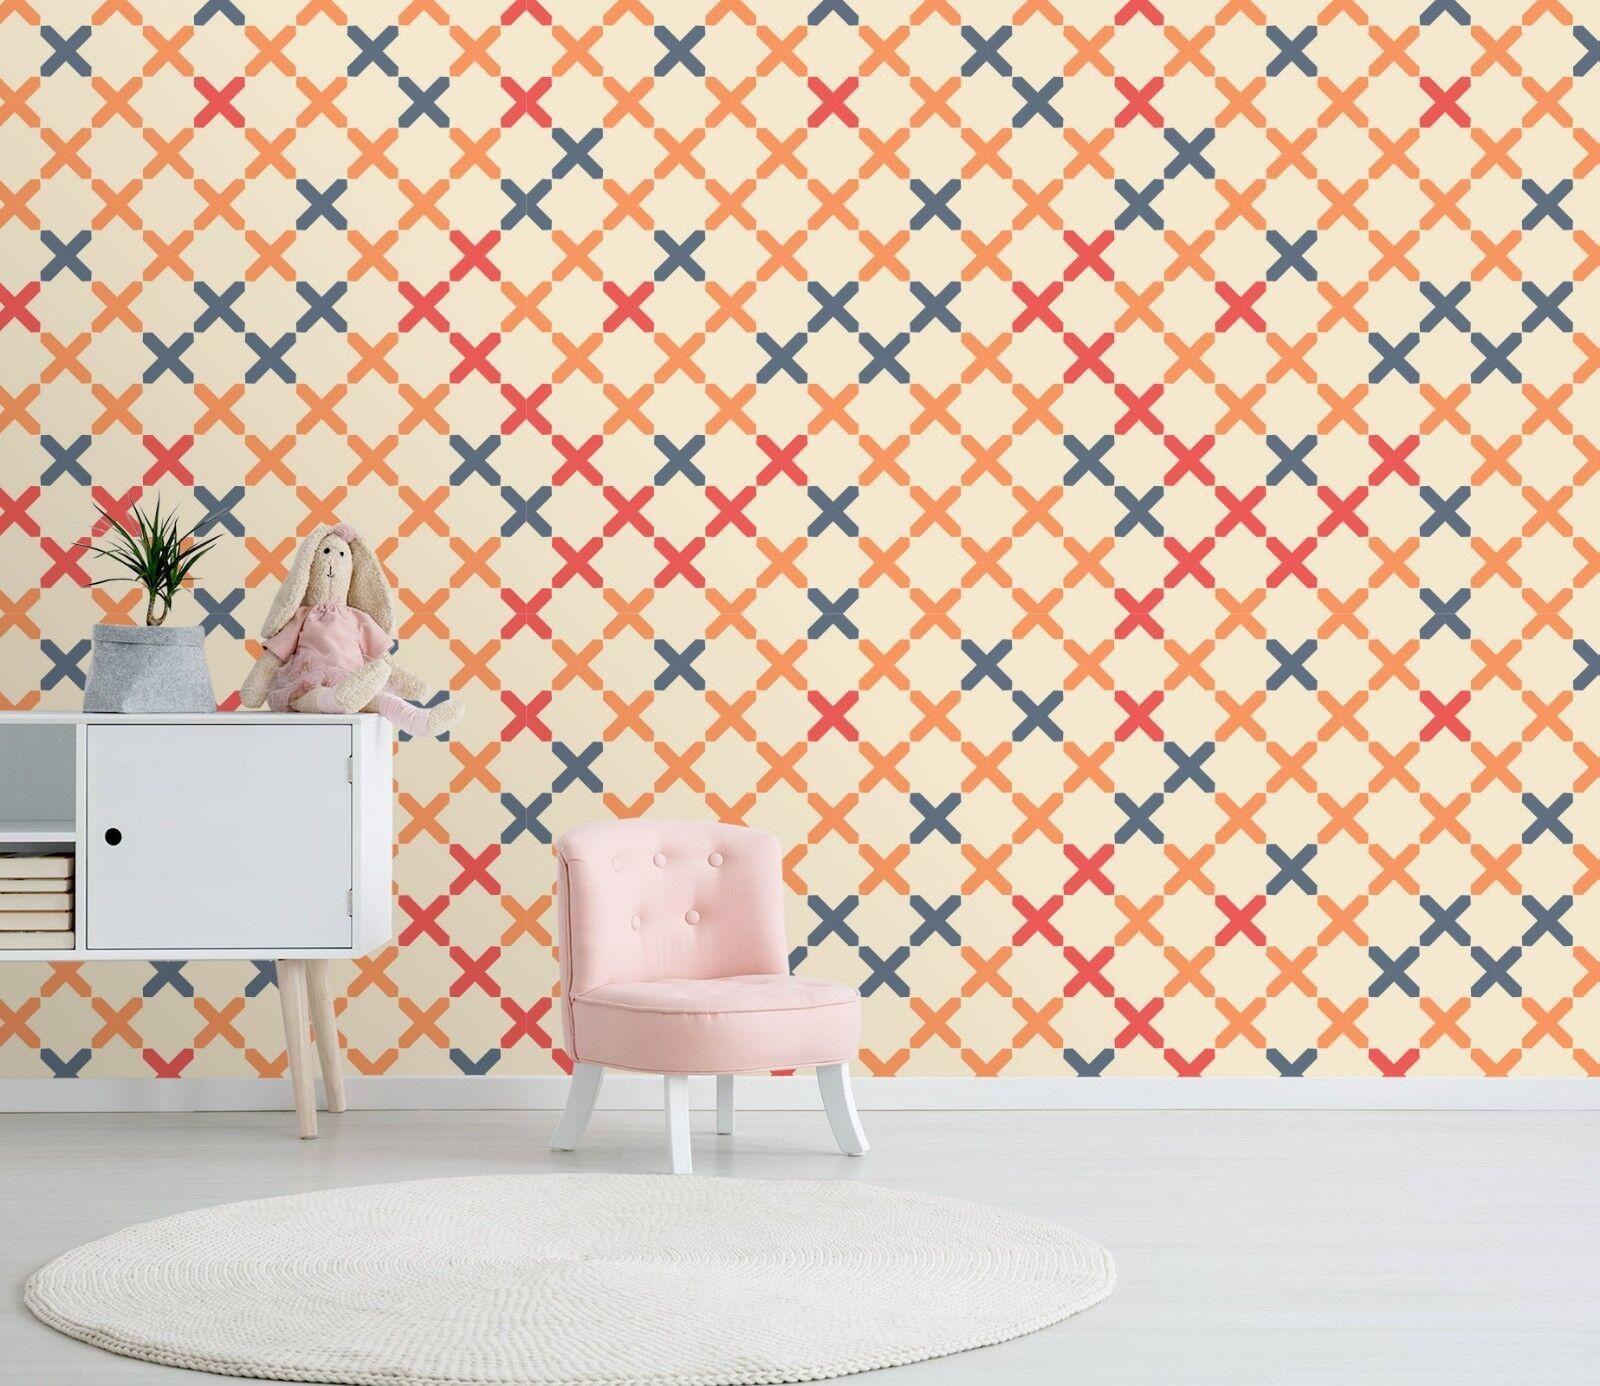 3D Farbe Cross Image 144 Wallpaper Mural Print Wall Indoor Wallpaper Murals UK